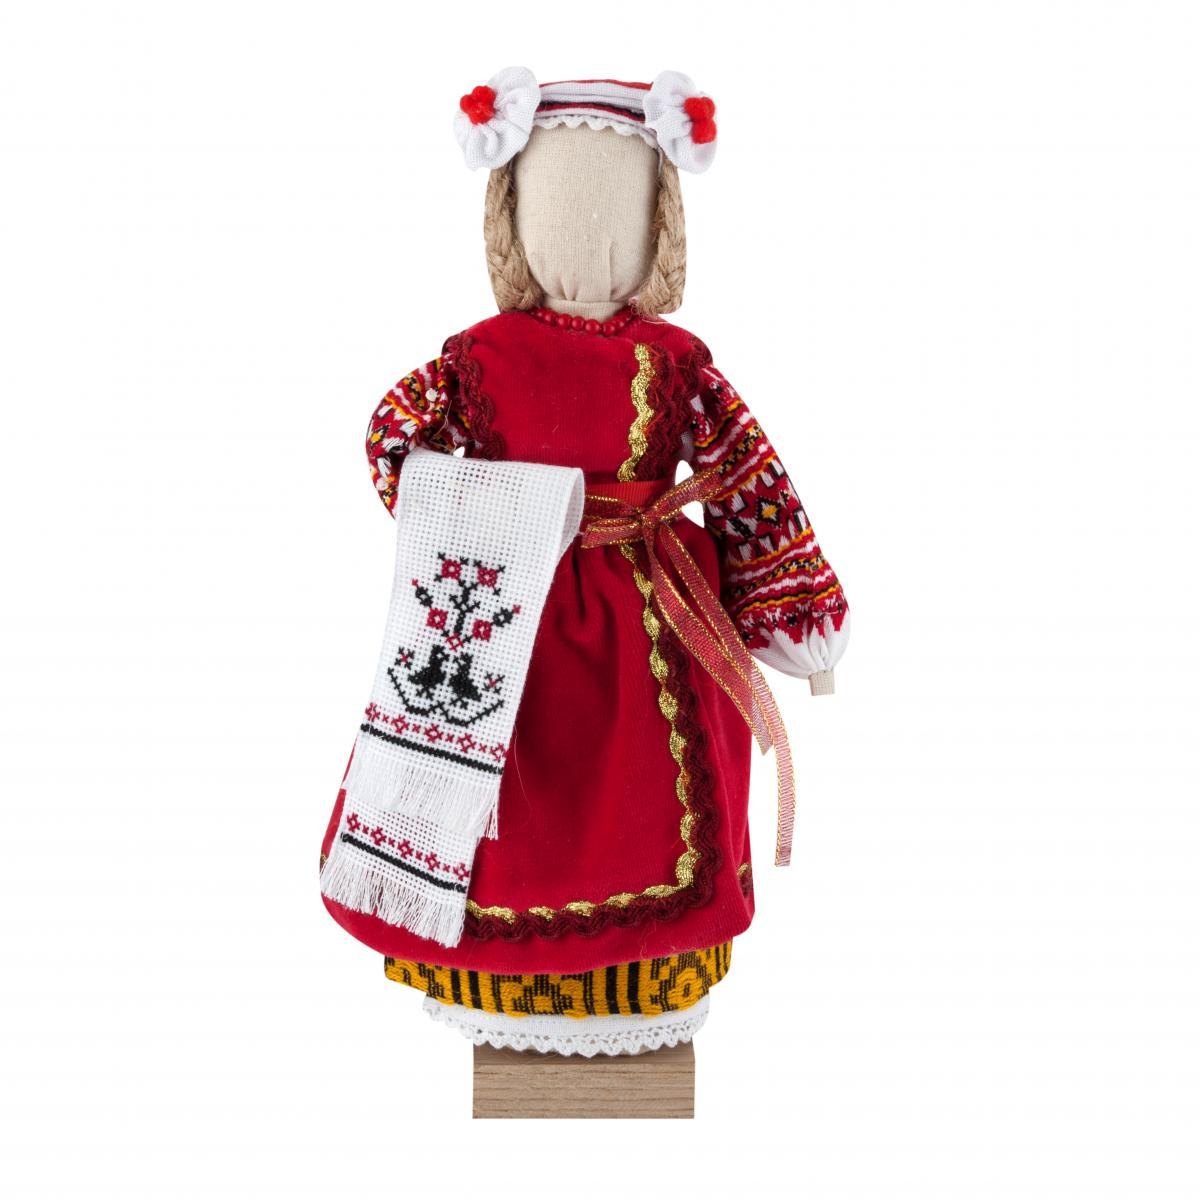 Мотанка Княгиня пышная. Фото №1. | Народный дом Украина